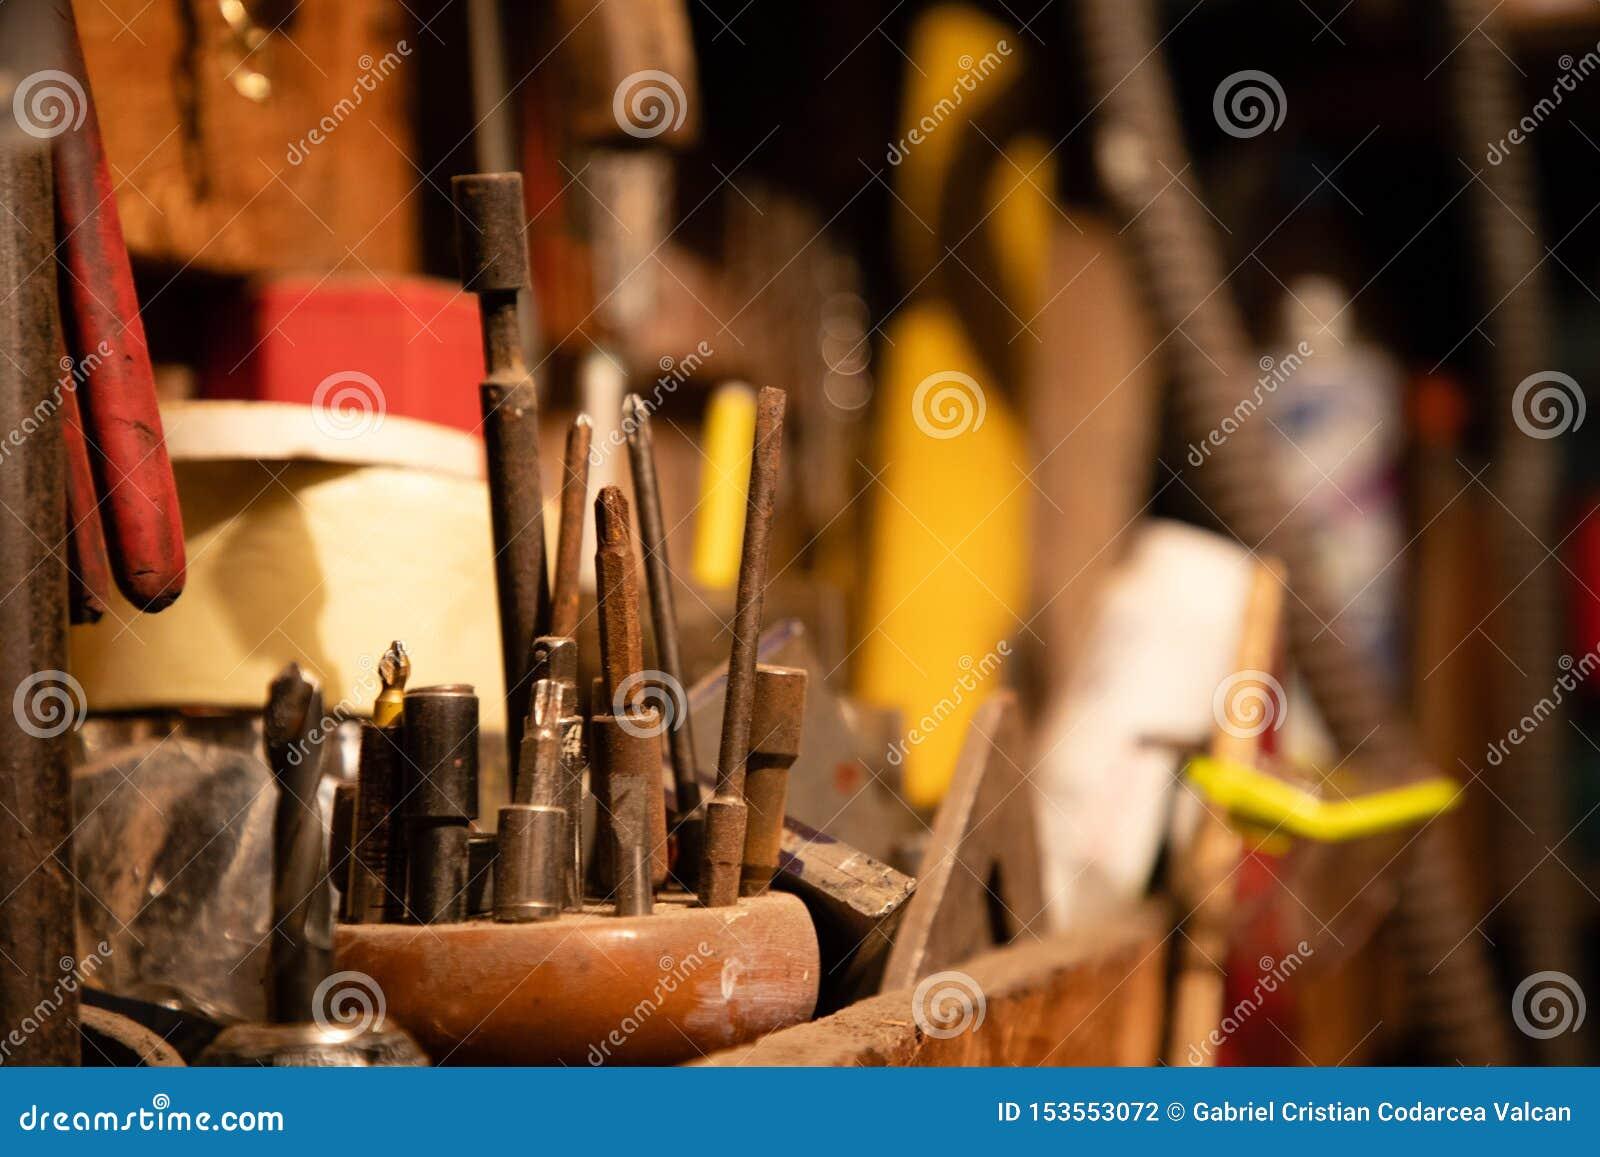 Verschillende schroevedraaiers en andere hulpmiddelen op garage